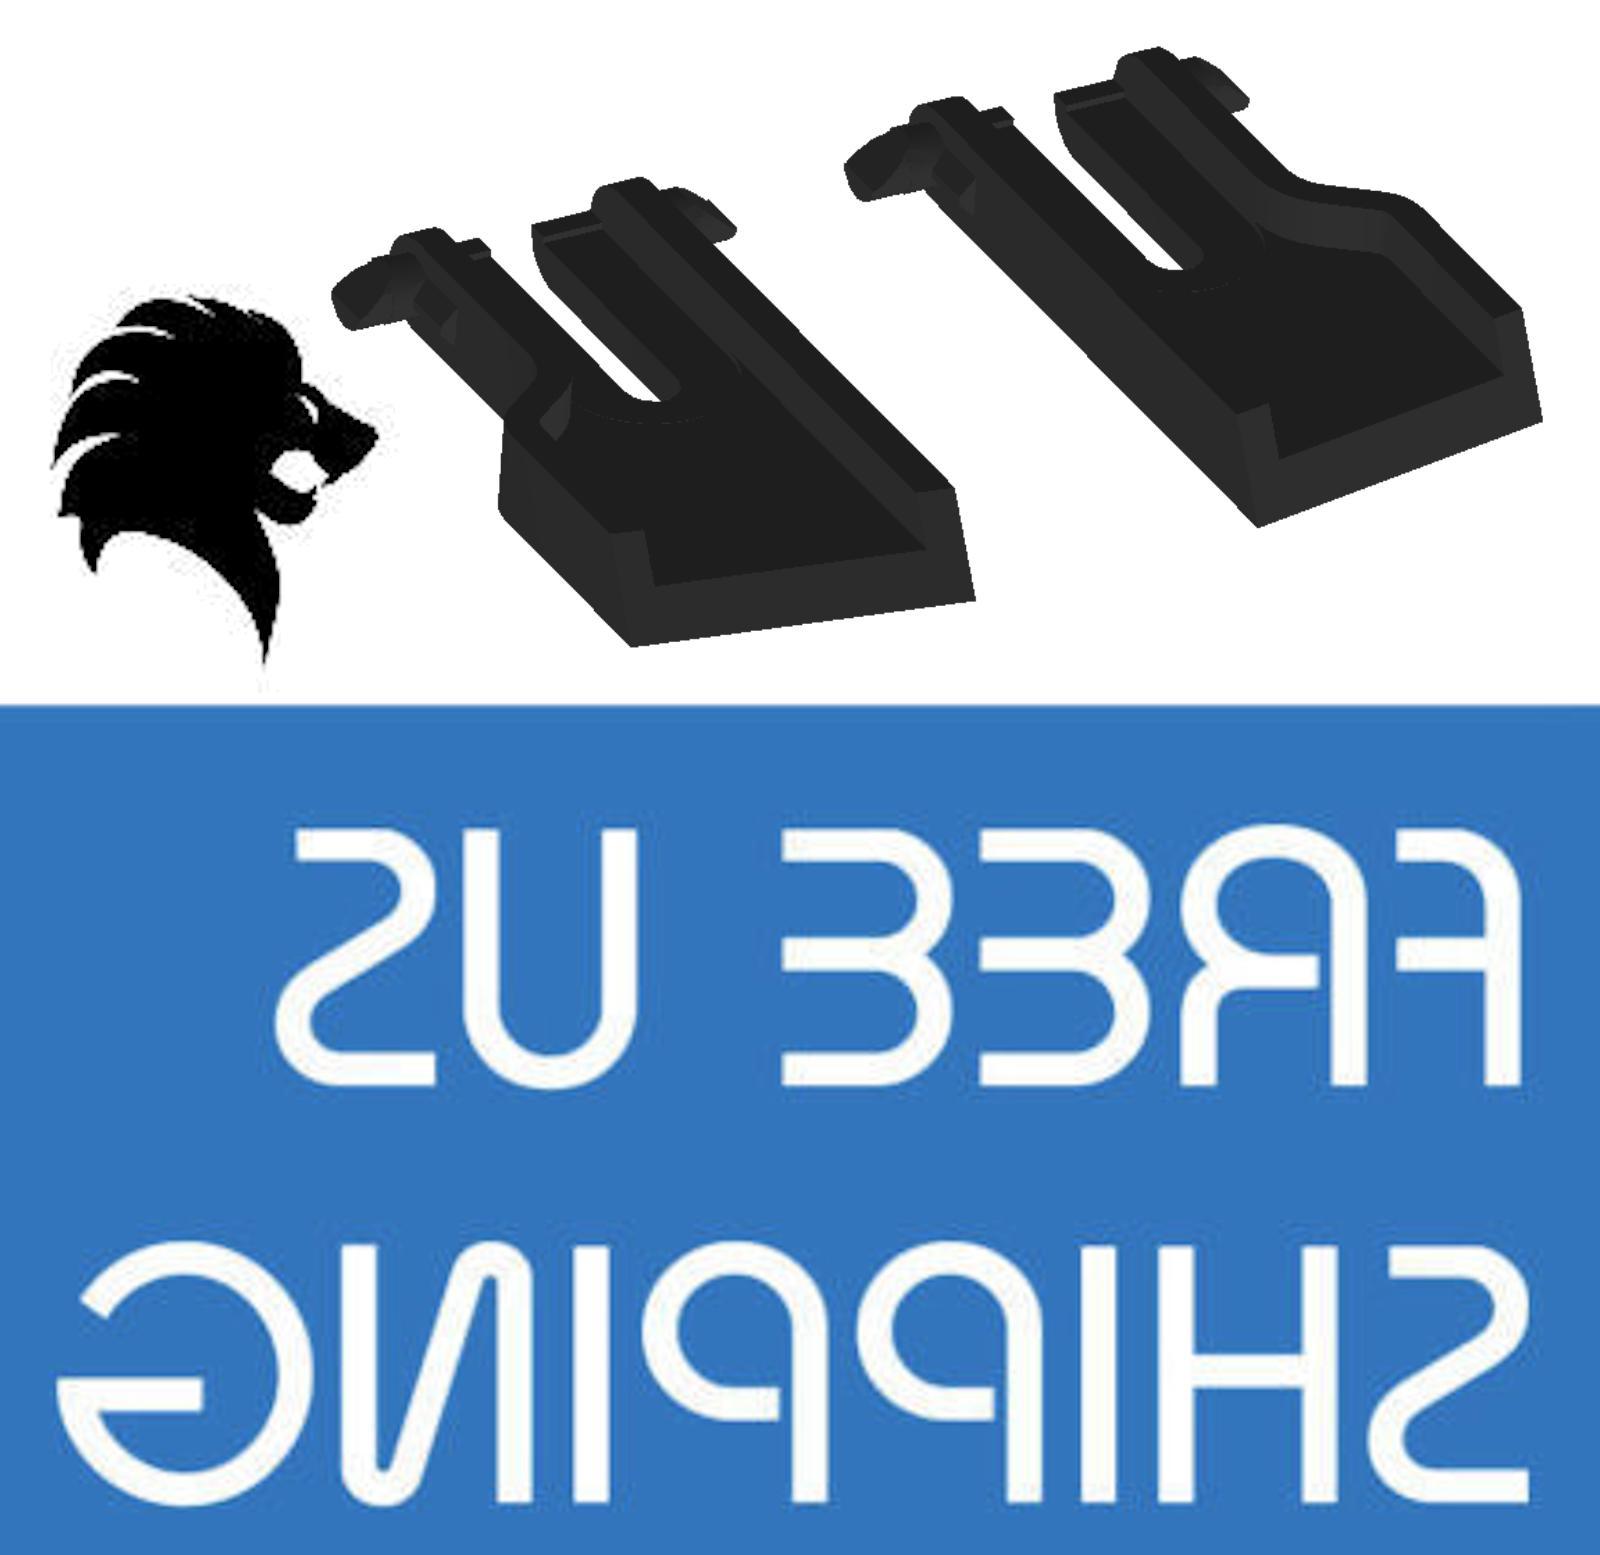 desktop g510 g510s gaming keyboard replacement foot